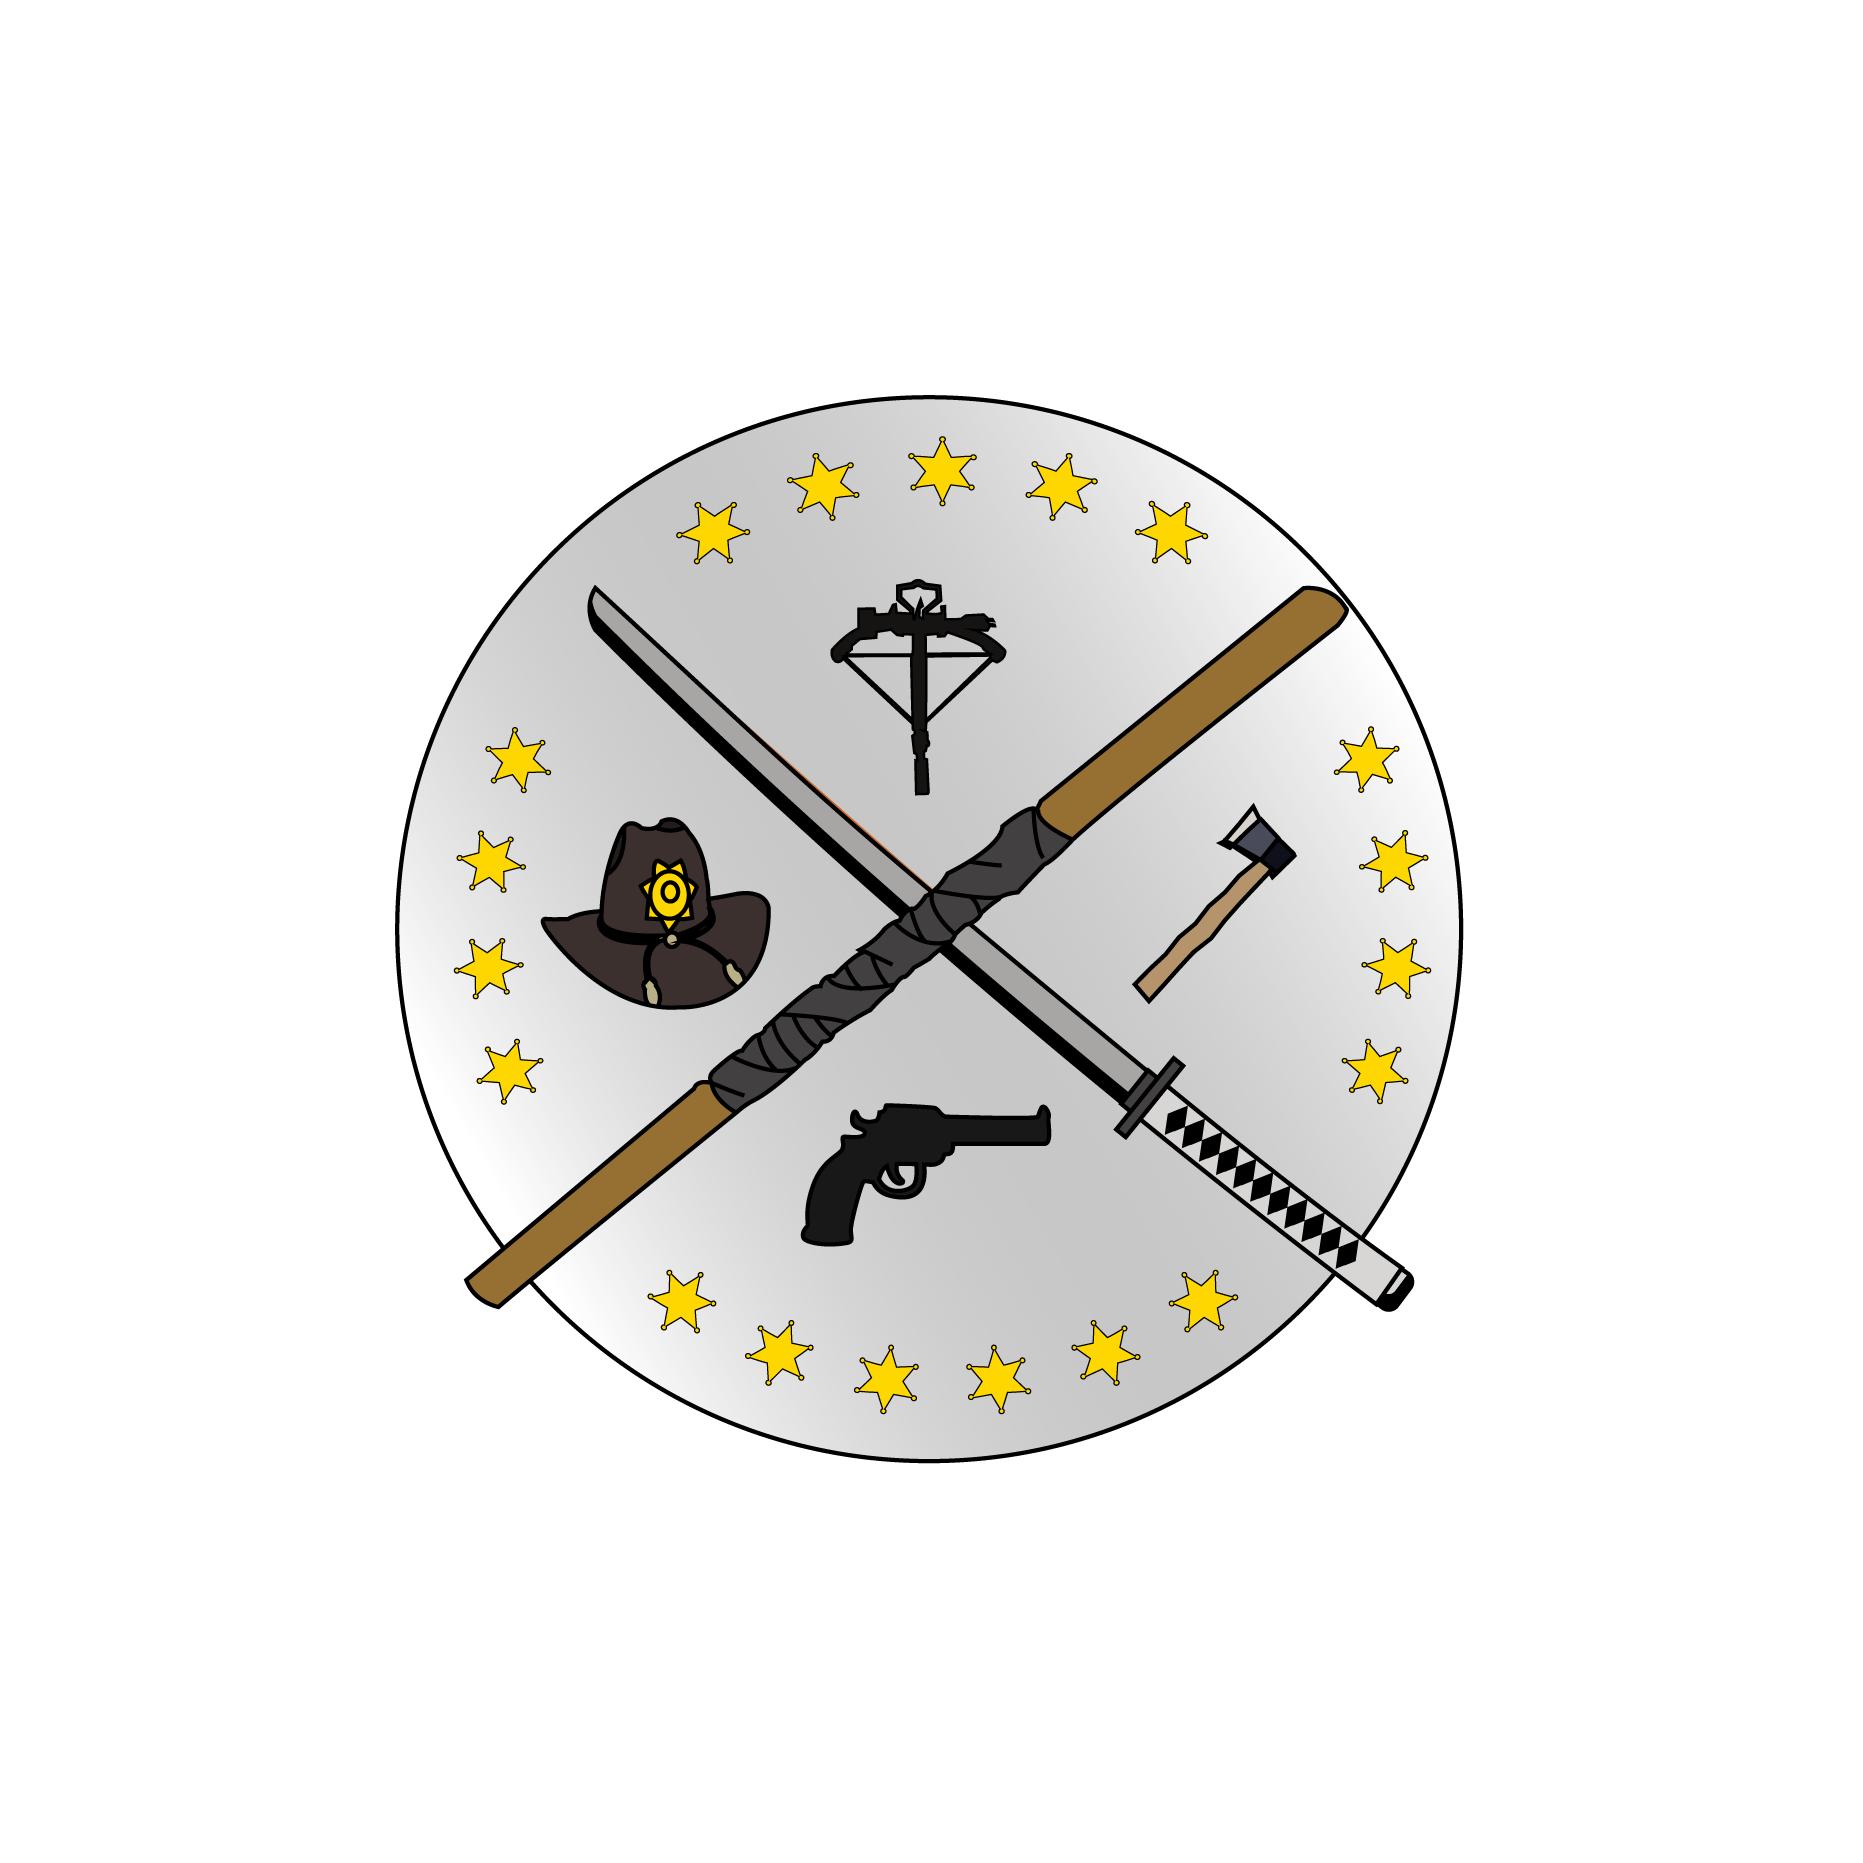 TWD logo/patch. : thewalkingdead.